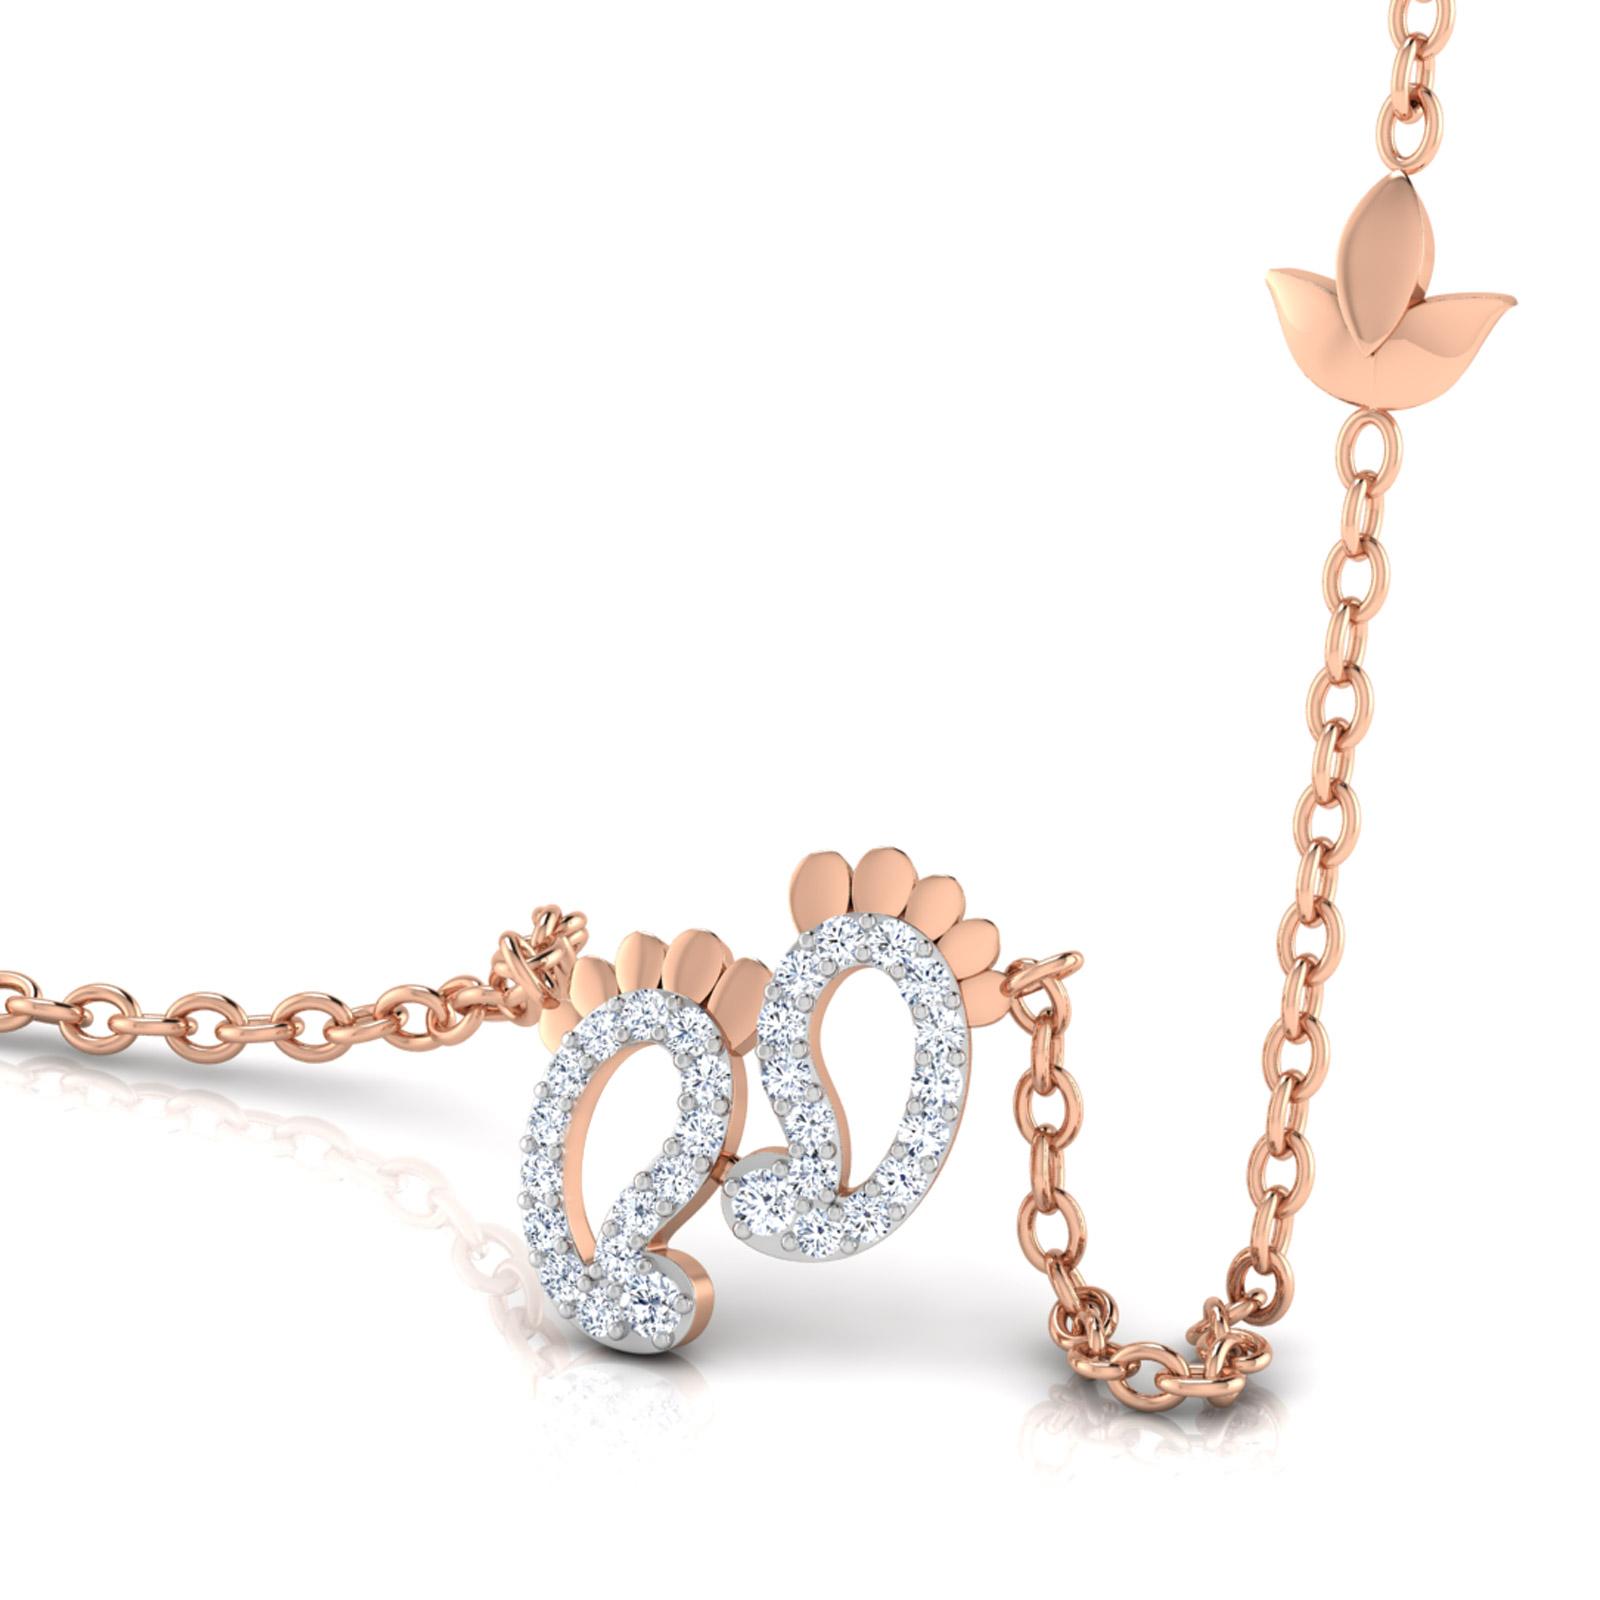 Lakshmi Feet Chain Necklace